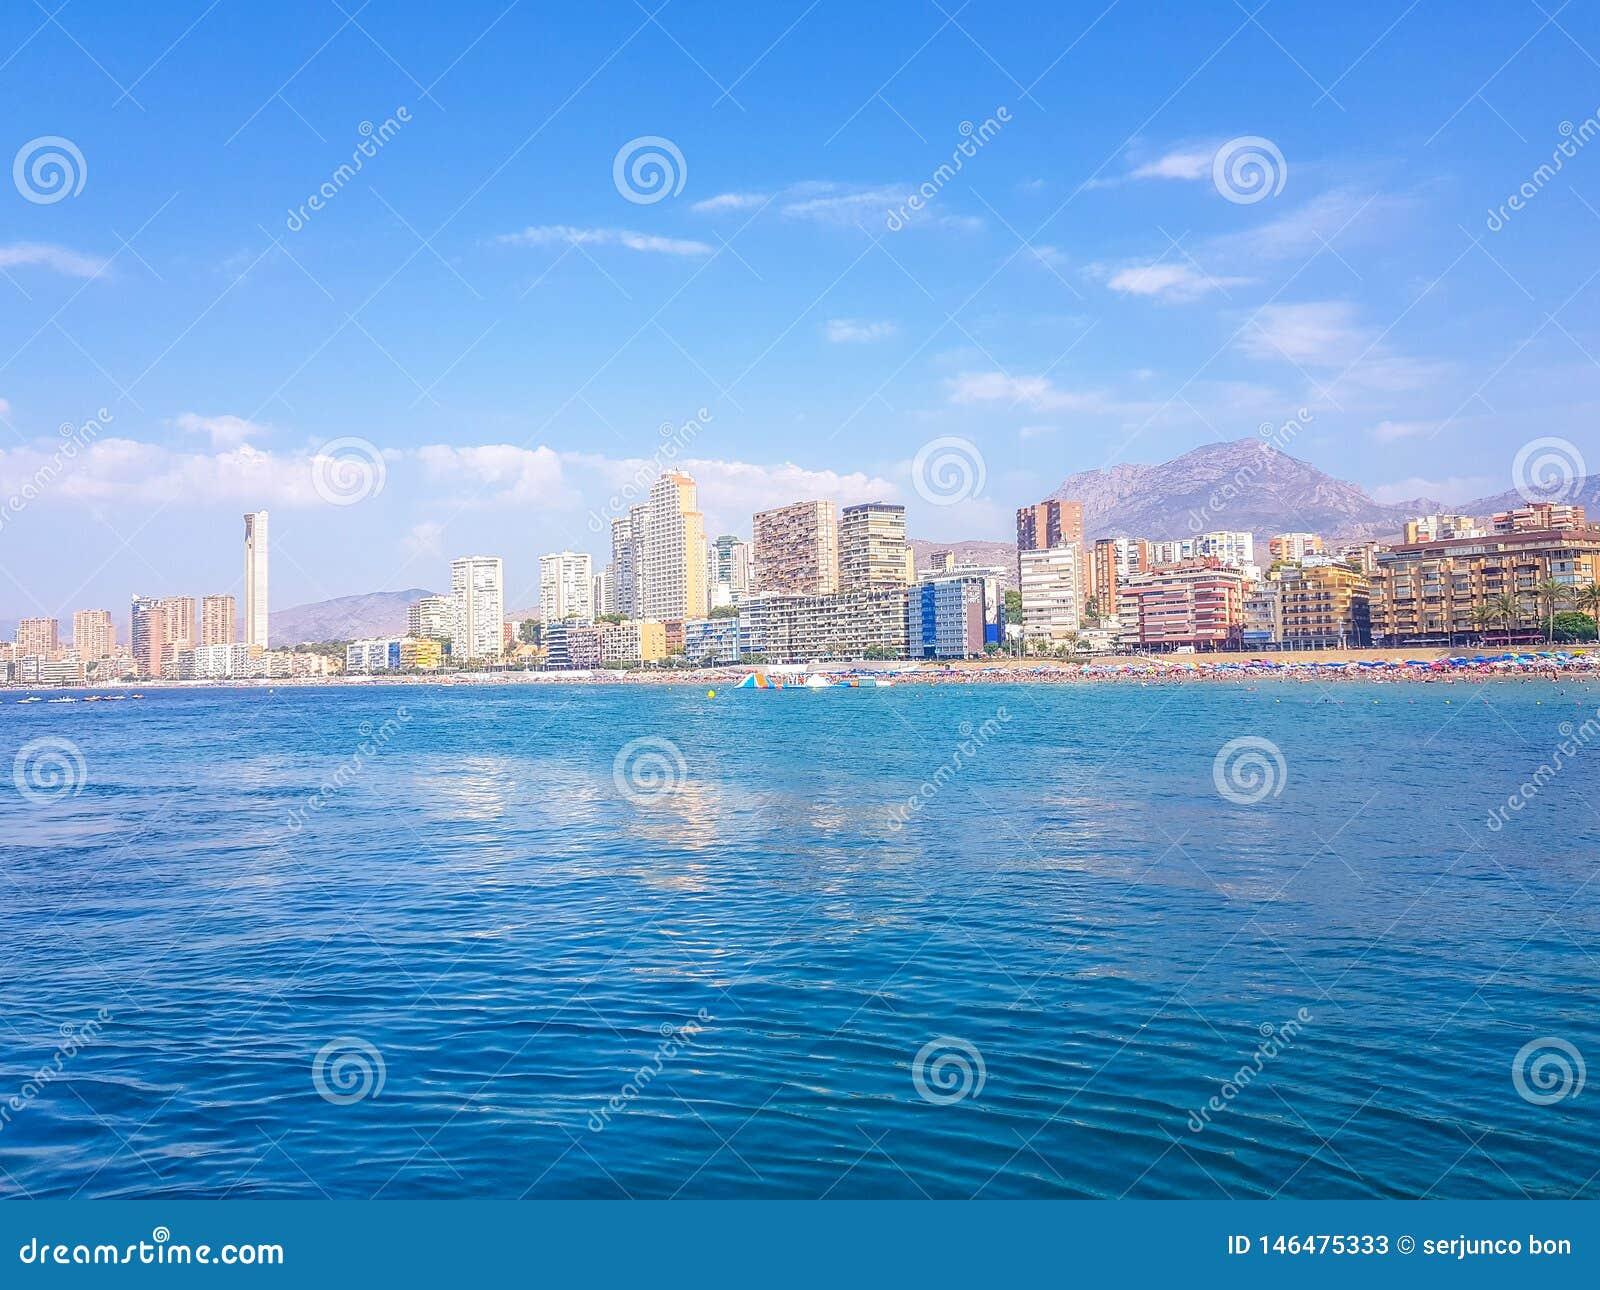 Sch?ner Levante-Strand in Benidorm, Spanien Bild genommen vom Meer, mit den Skylinen von Wolkenkratzern und einem Boot des ersten